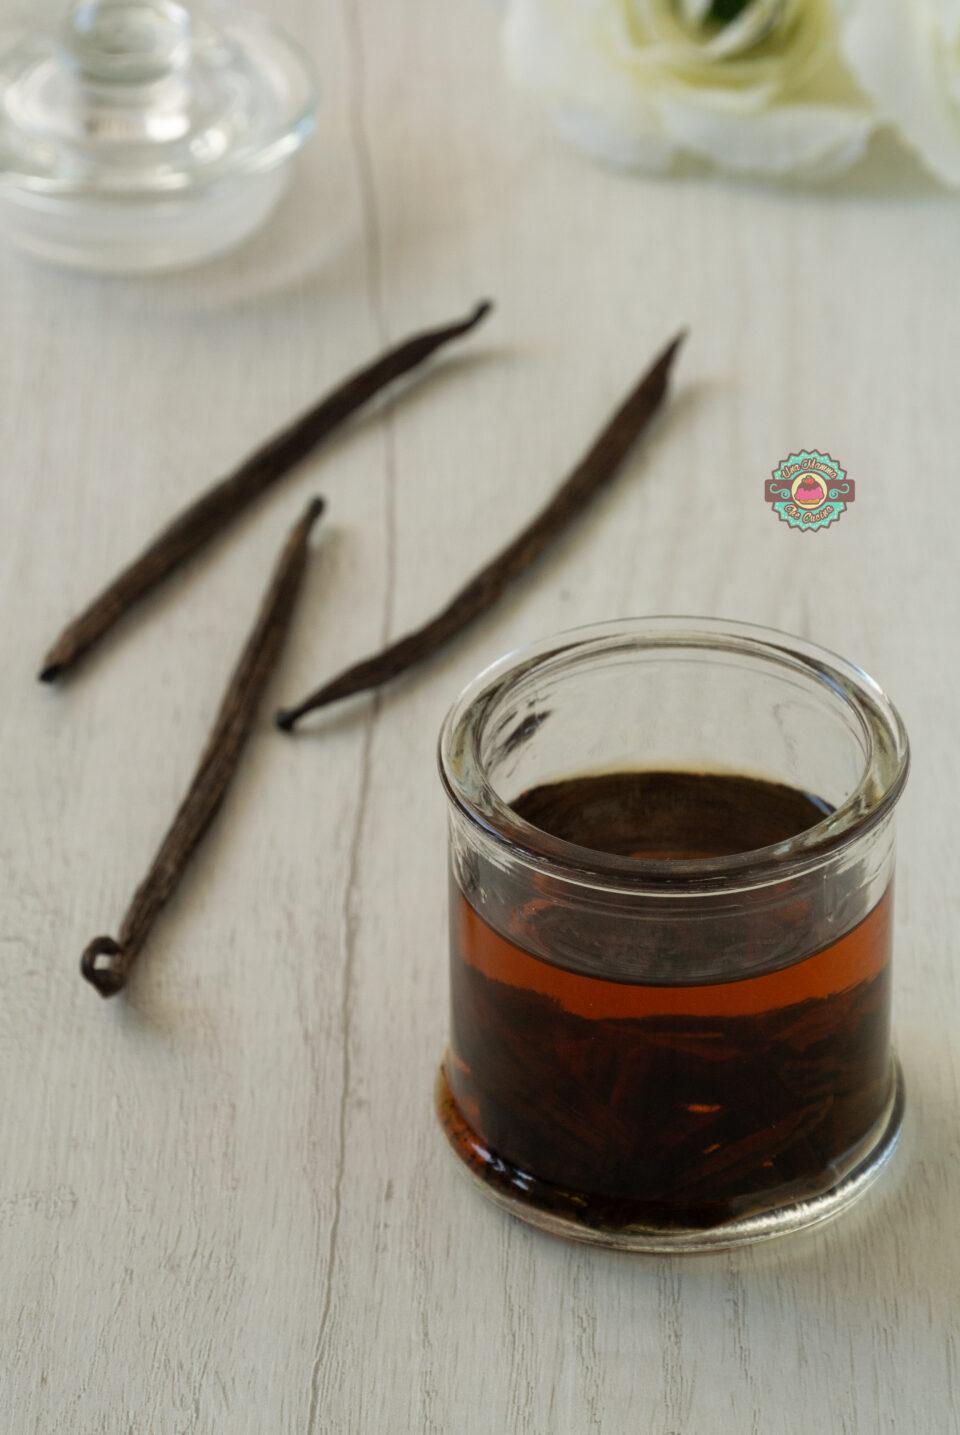 Estratto di vaniglia - metodo a freddo